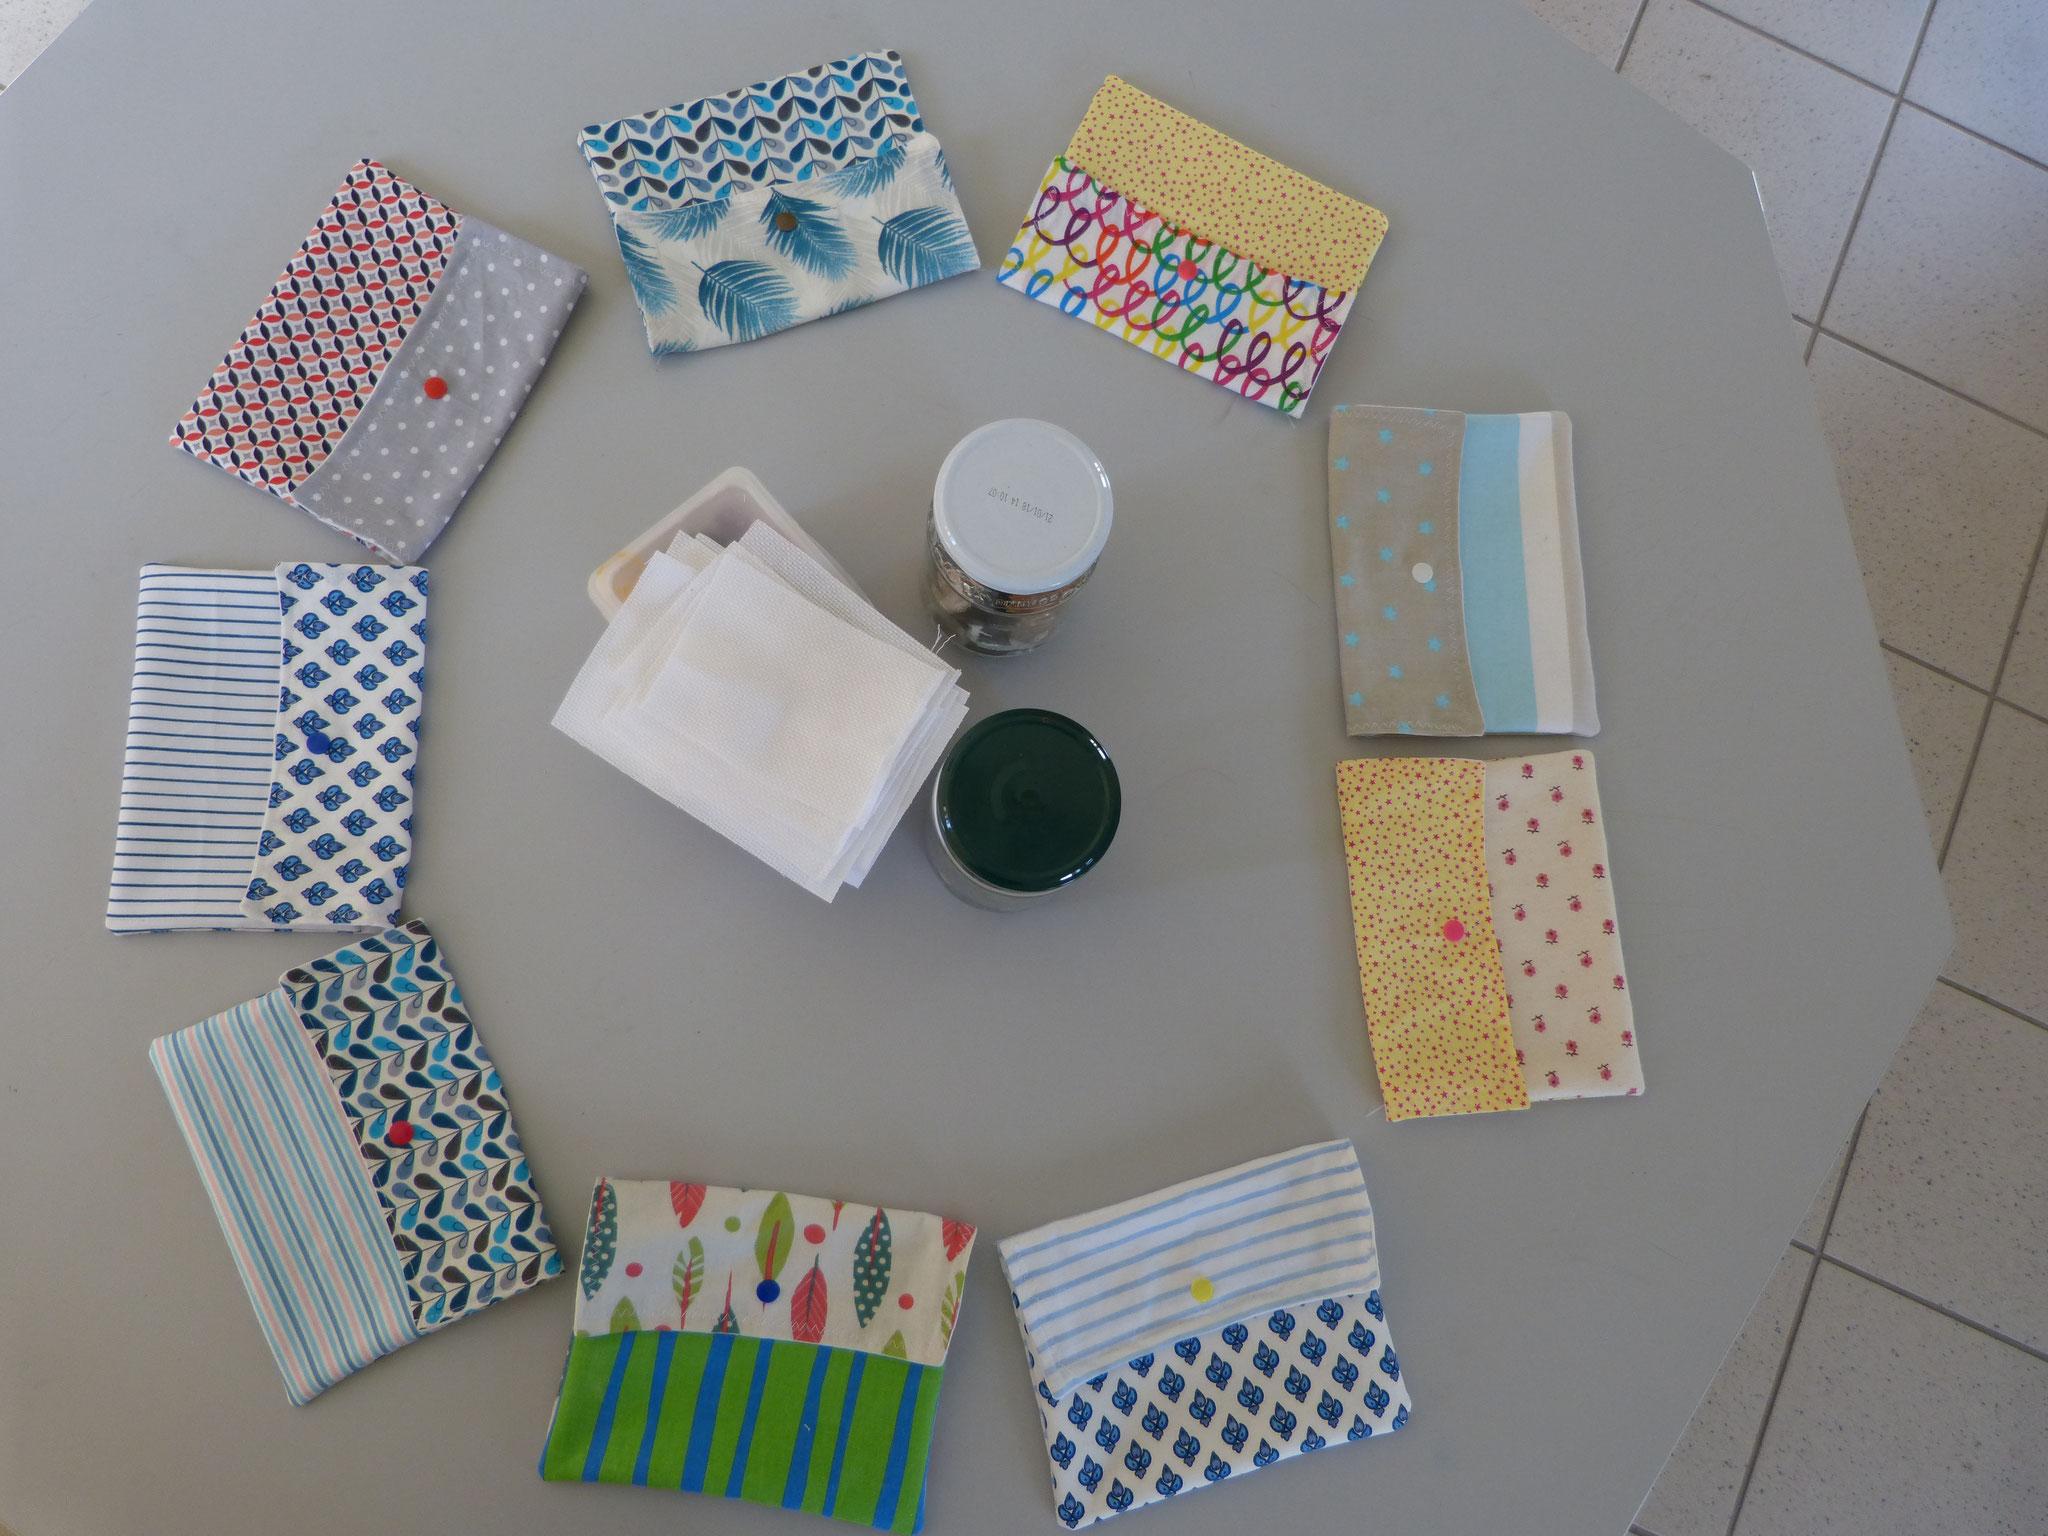 Toutes les idées sont bonnes - On s'éclate aux ateliers de couture !